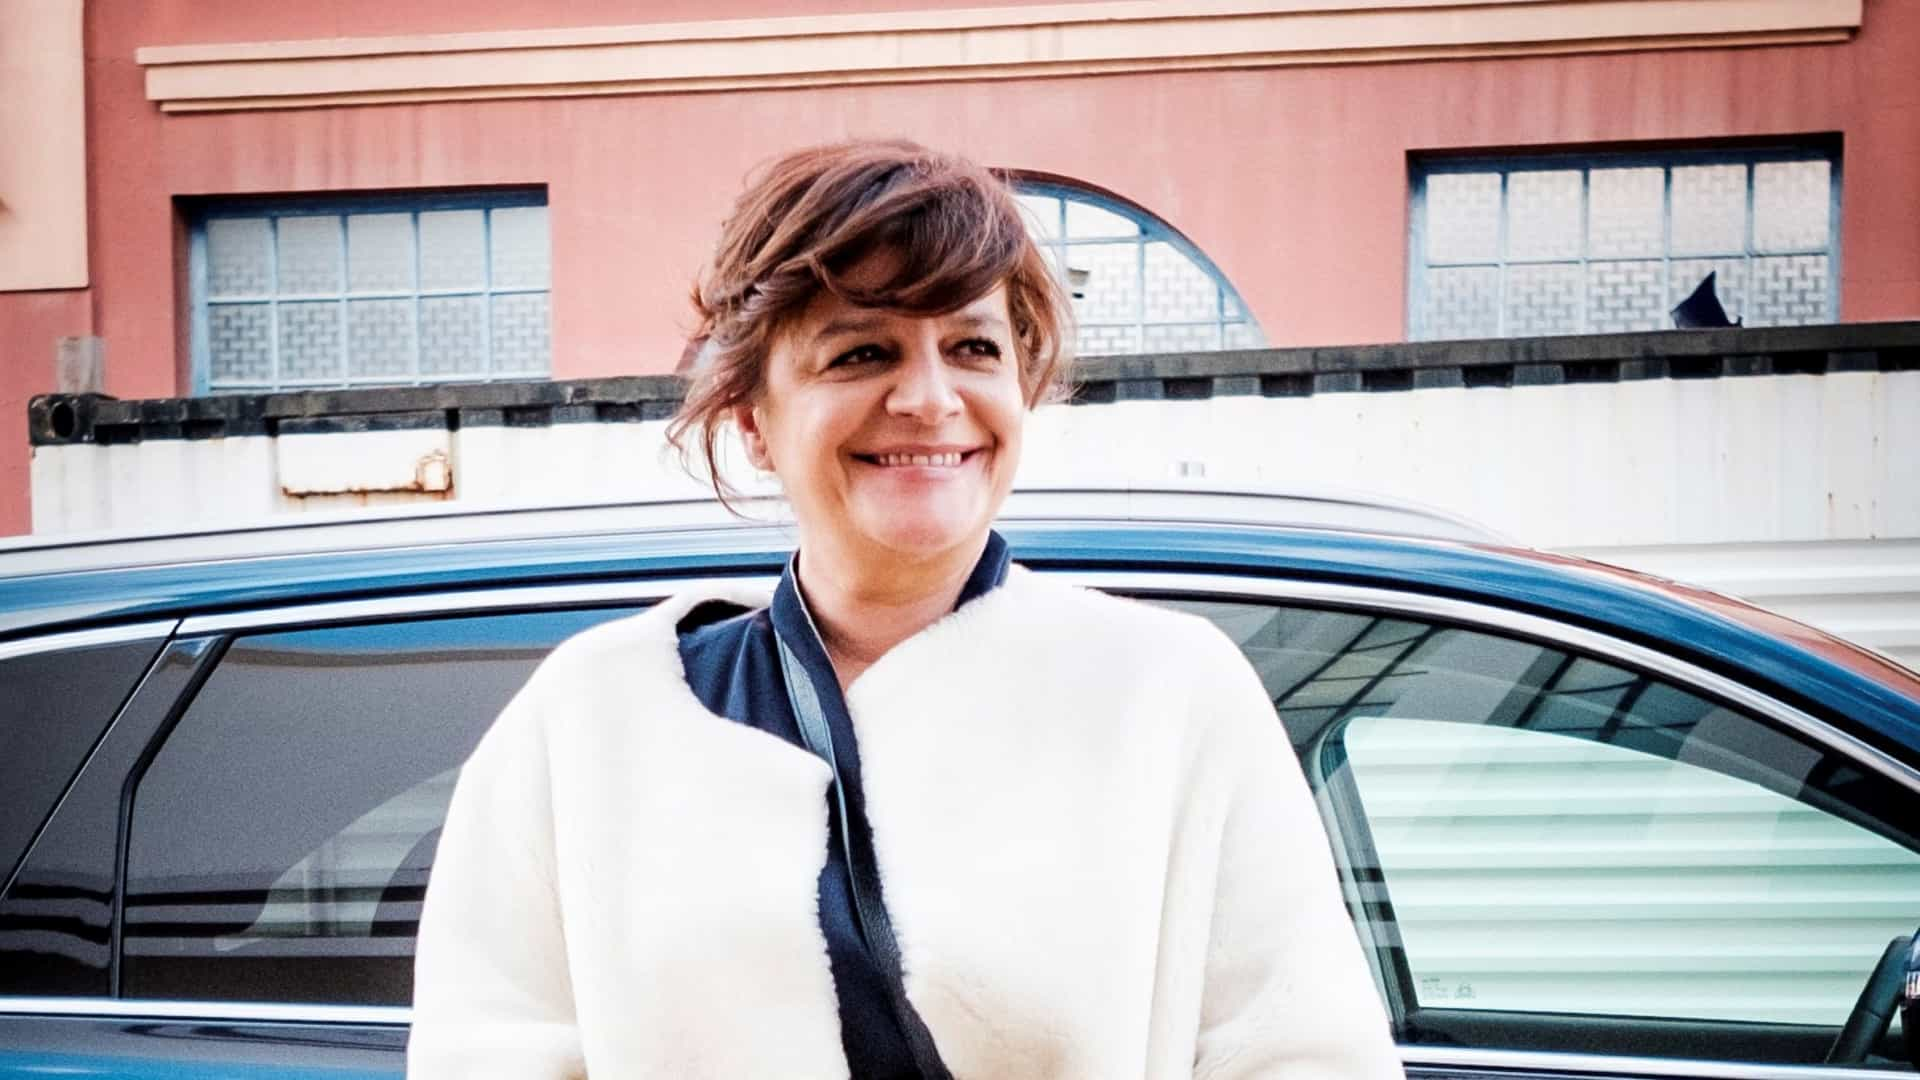 """Júlia Pinheiro mostra-se de """"ressaca, sem filtros e sem maquilhagem"""""""